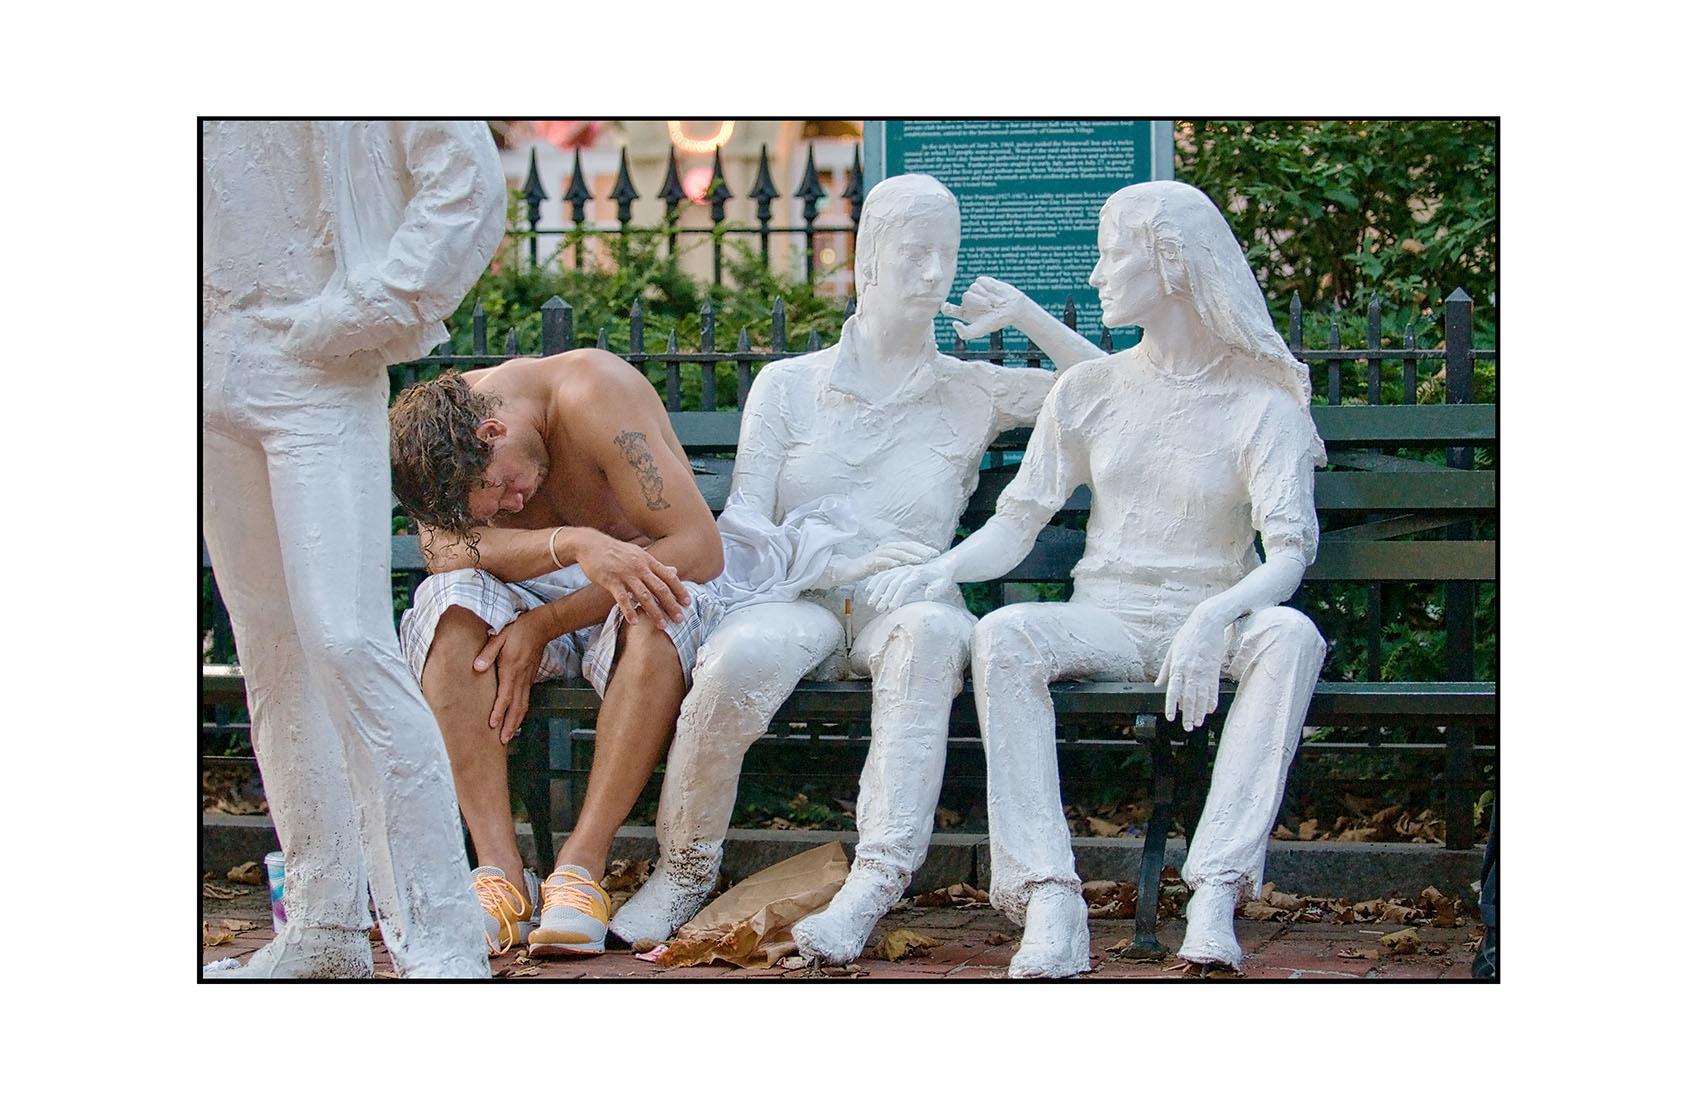 Christopher Park, Greenwich Village,